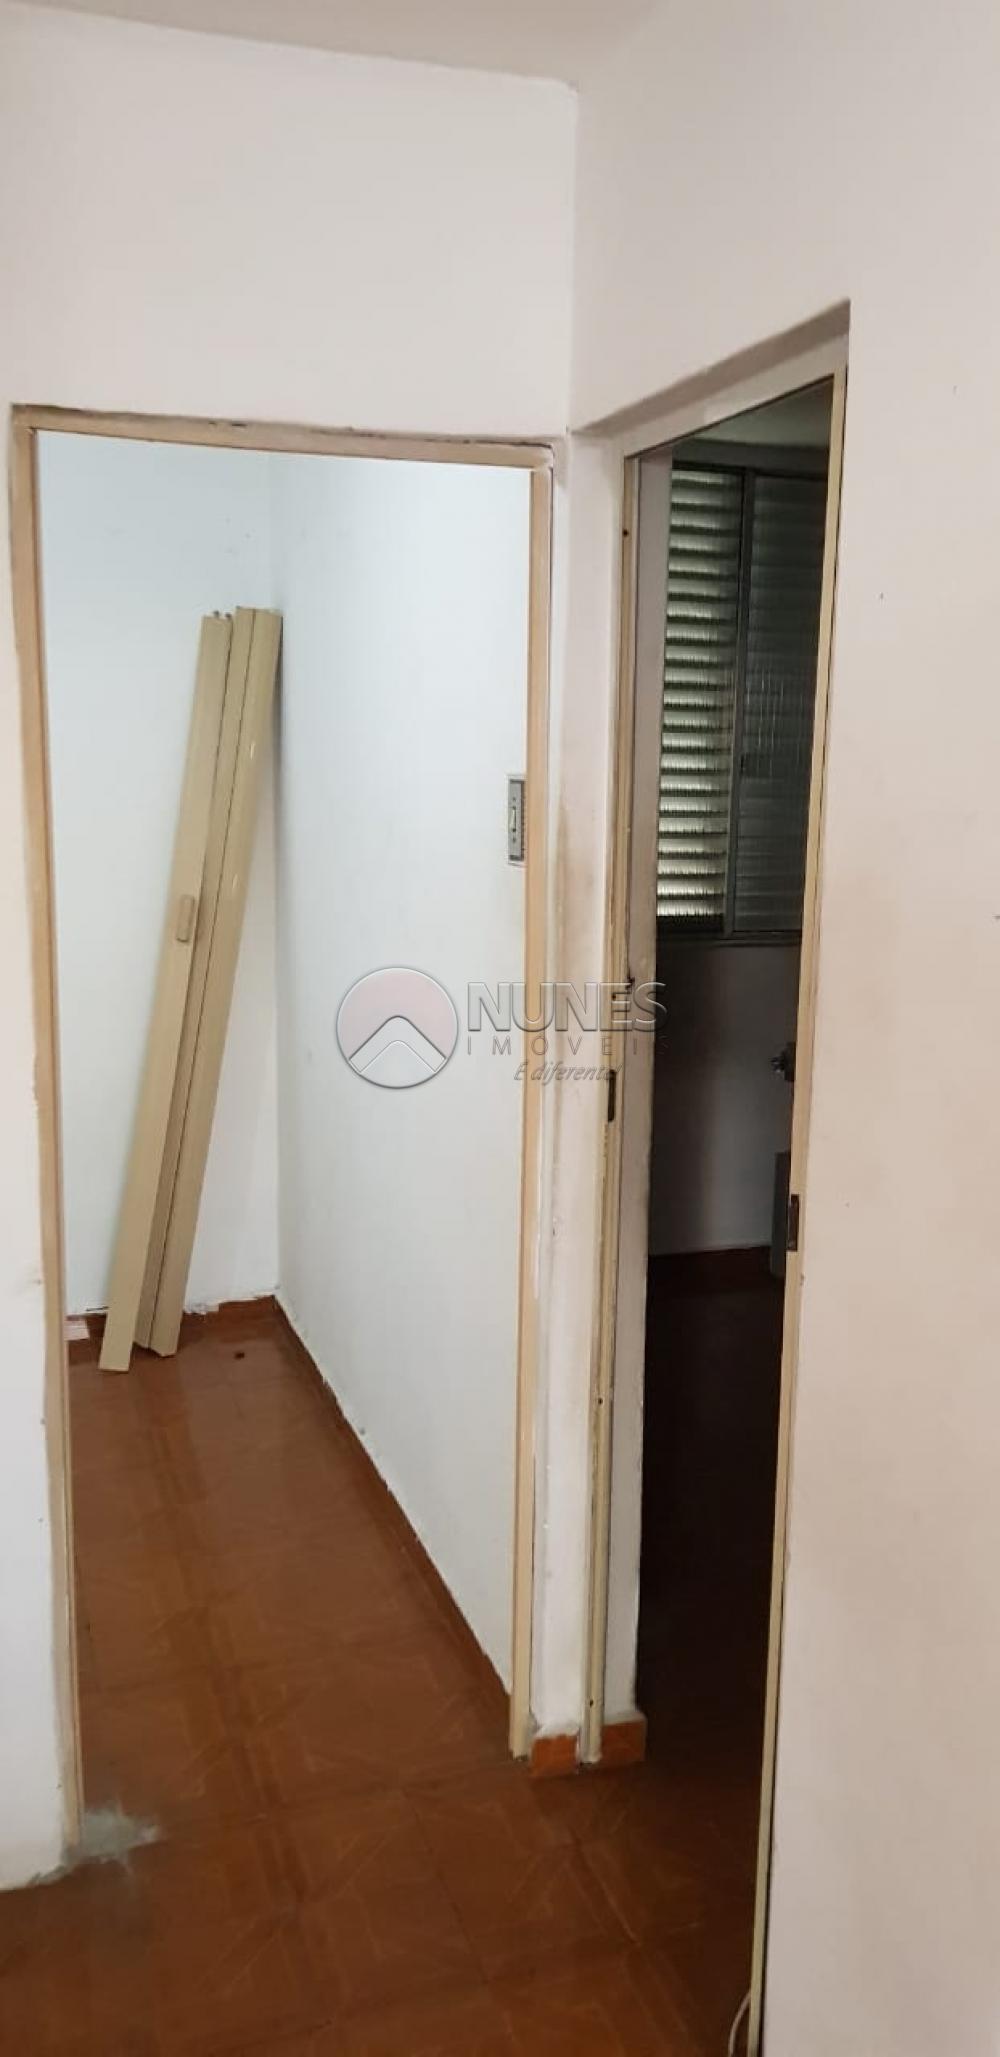 Comprar Apartamento / Padrão em Carapicuíba apenas R$ 130.000,00 - Foto 8